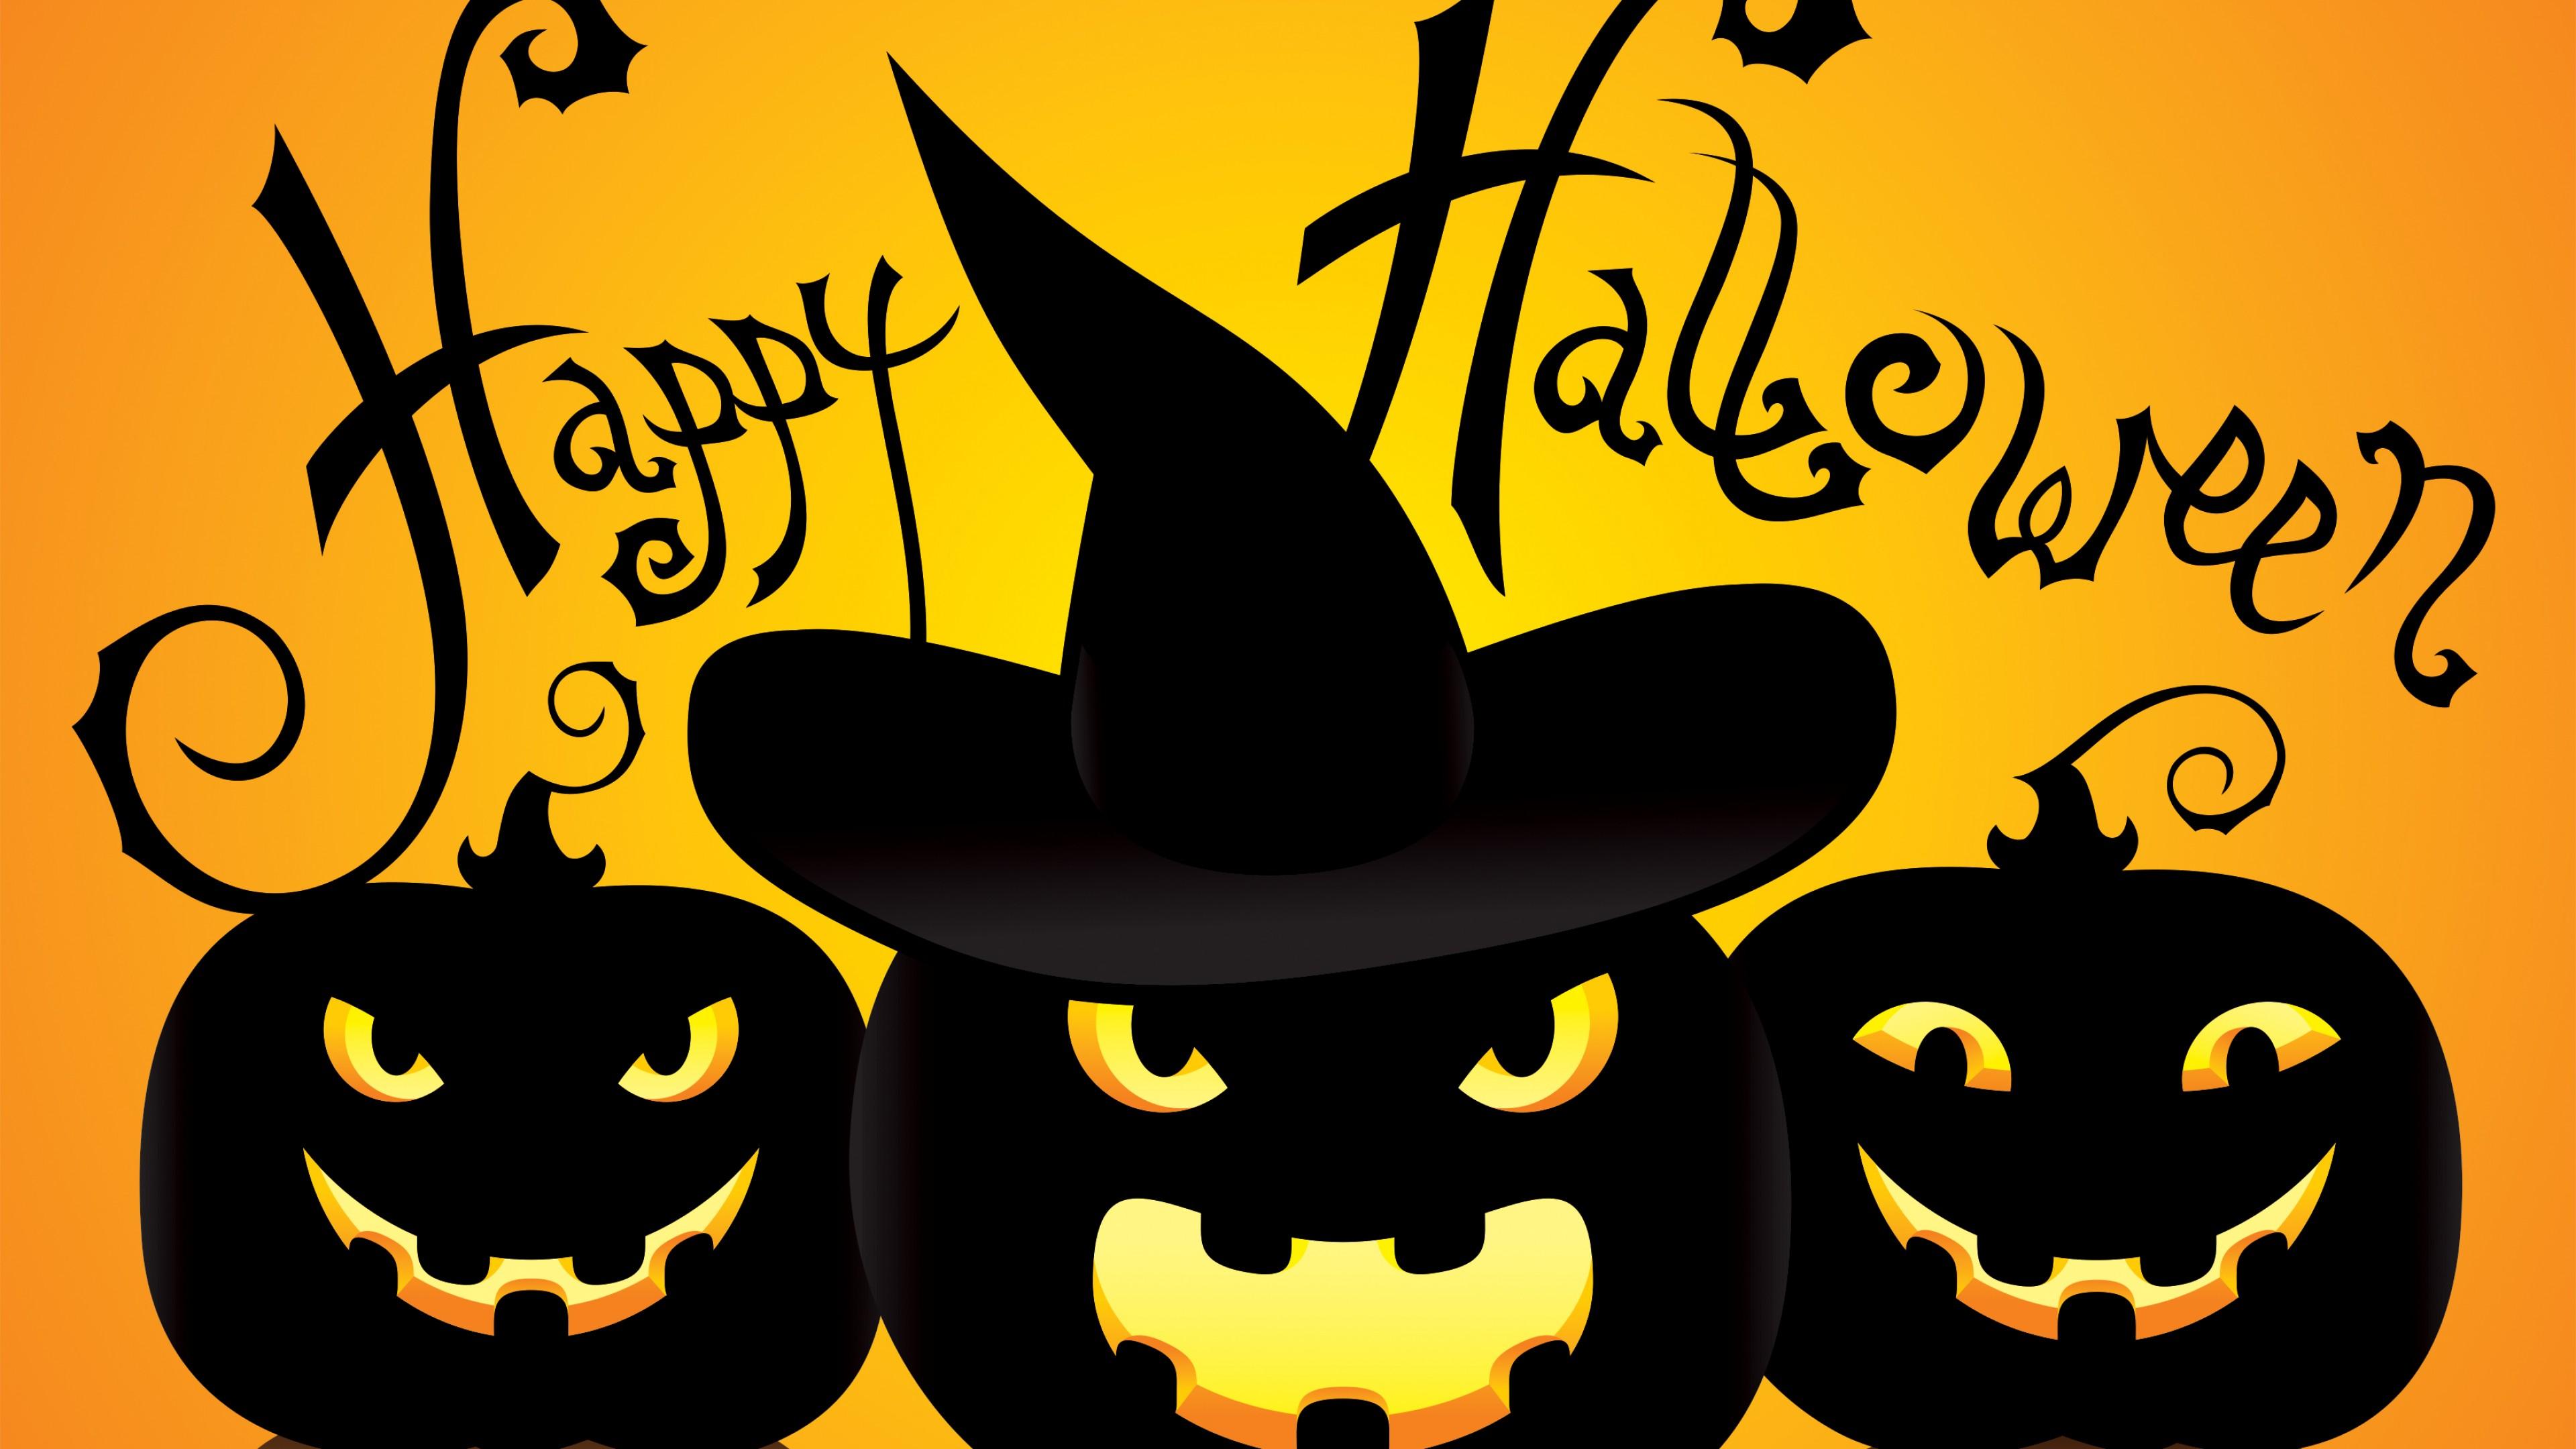 Wallpaper Pumpkins with Happy Halloween